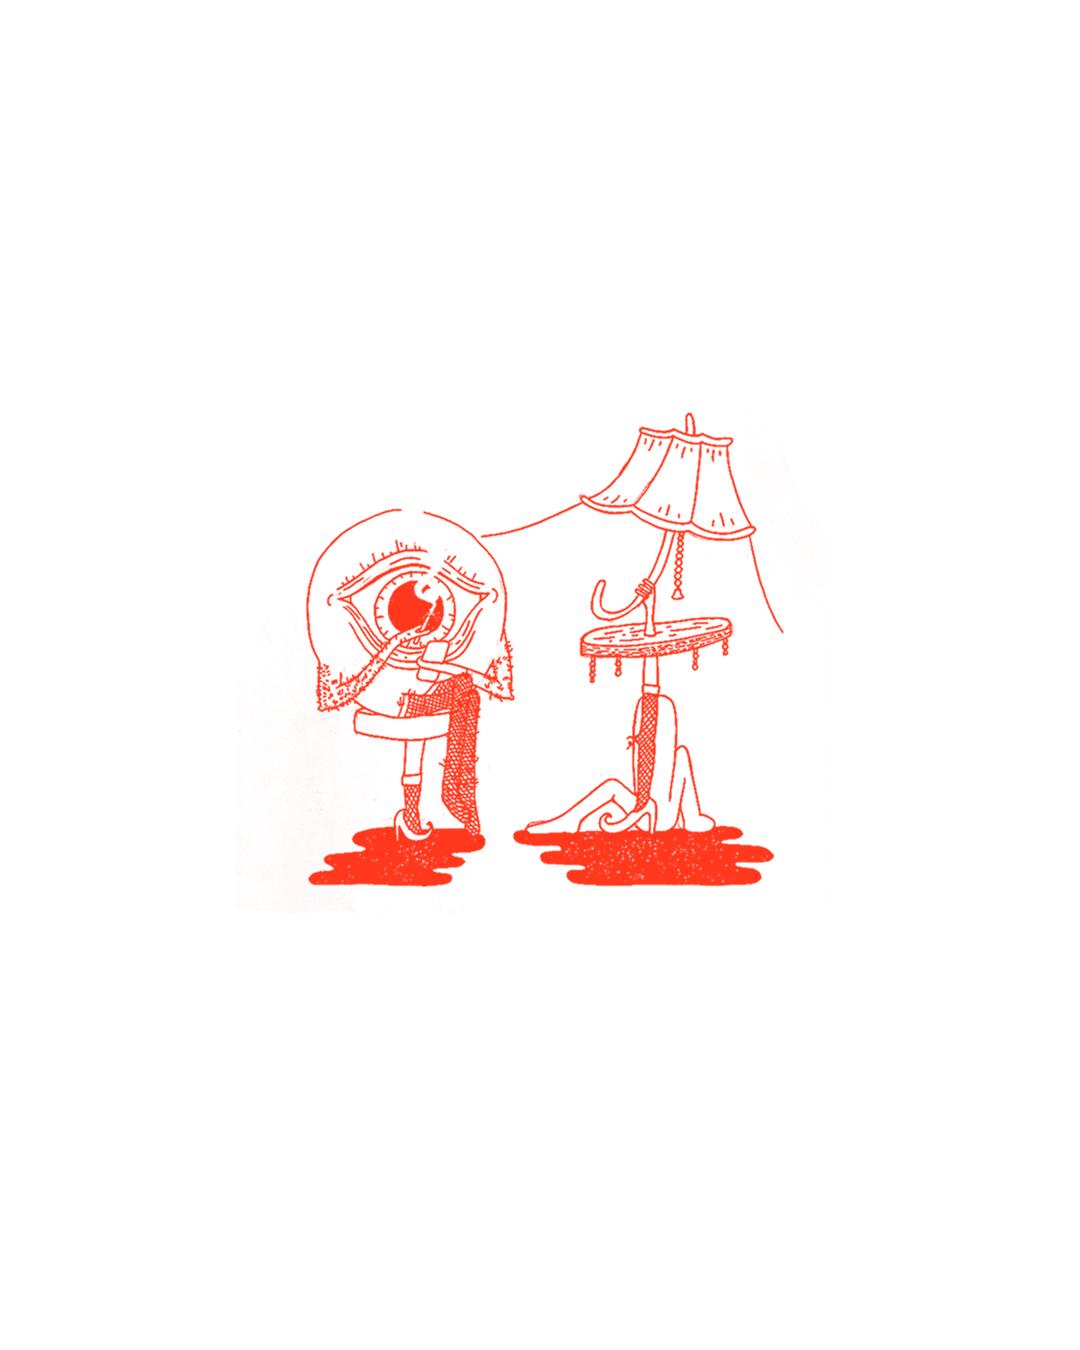 DD_illustration7.3.jpg